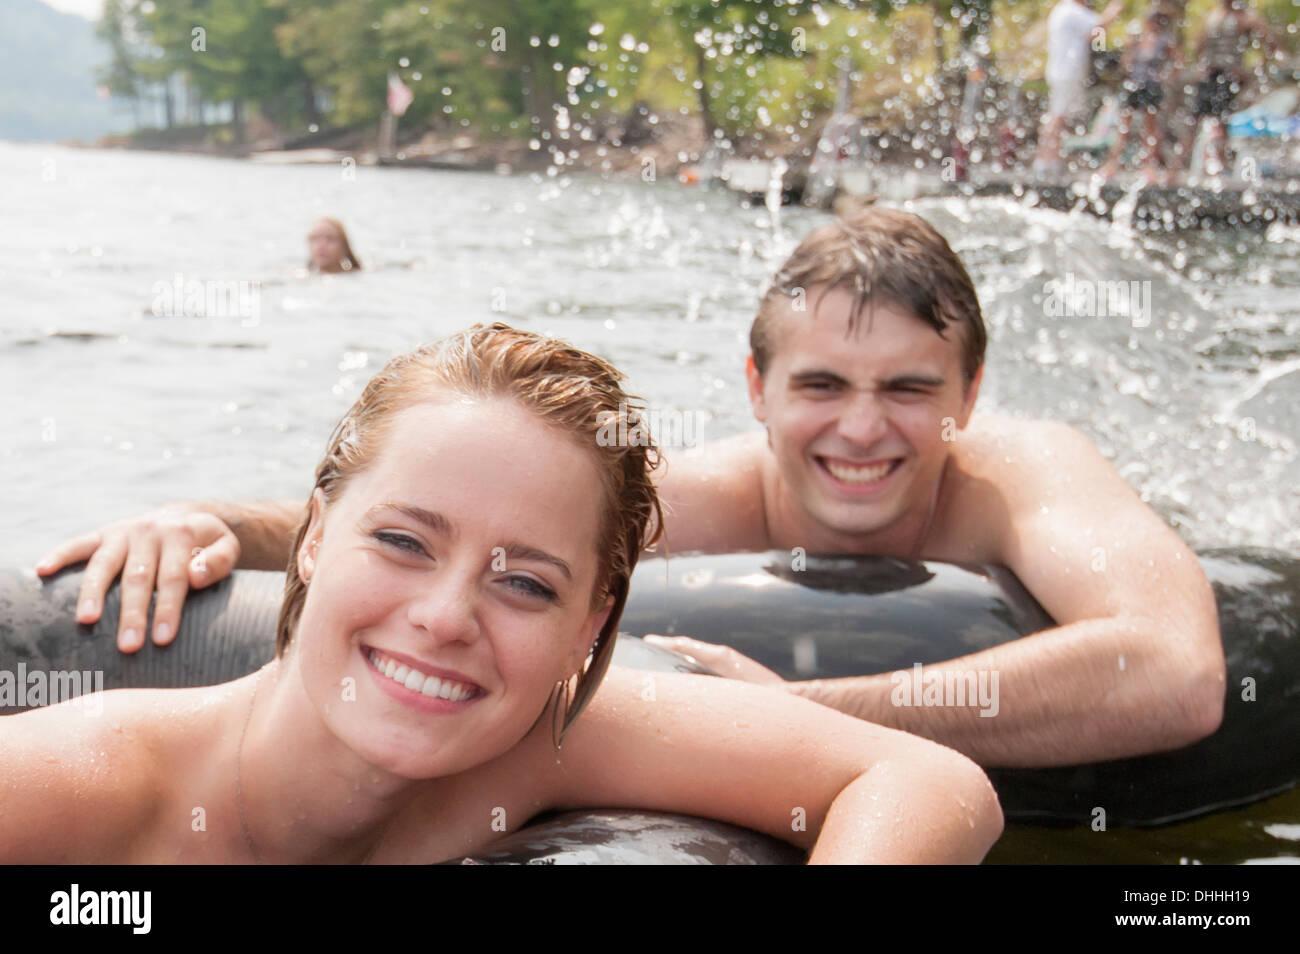 Pareja joven flotando en los anillos inflables Imagen De Stock